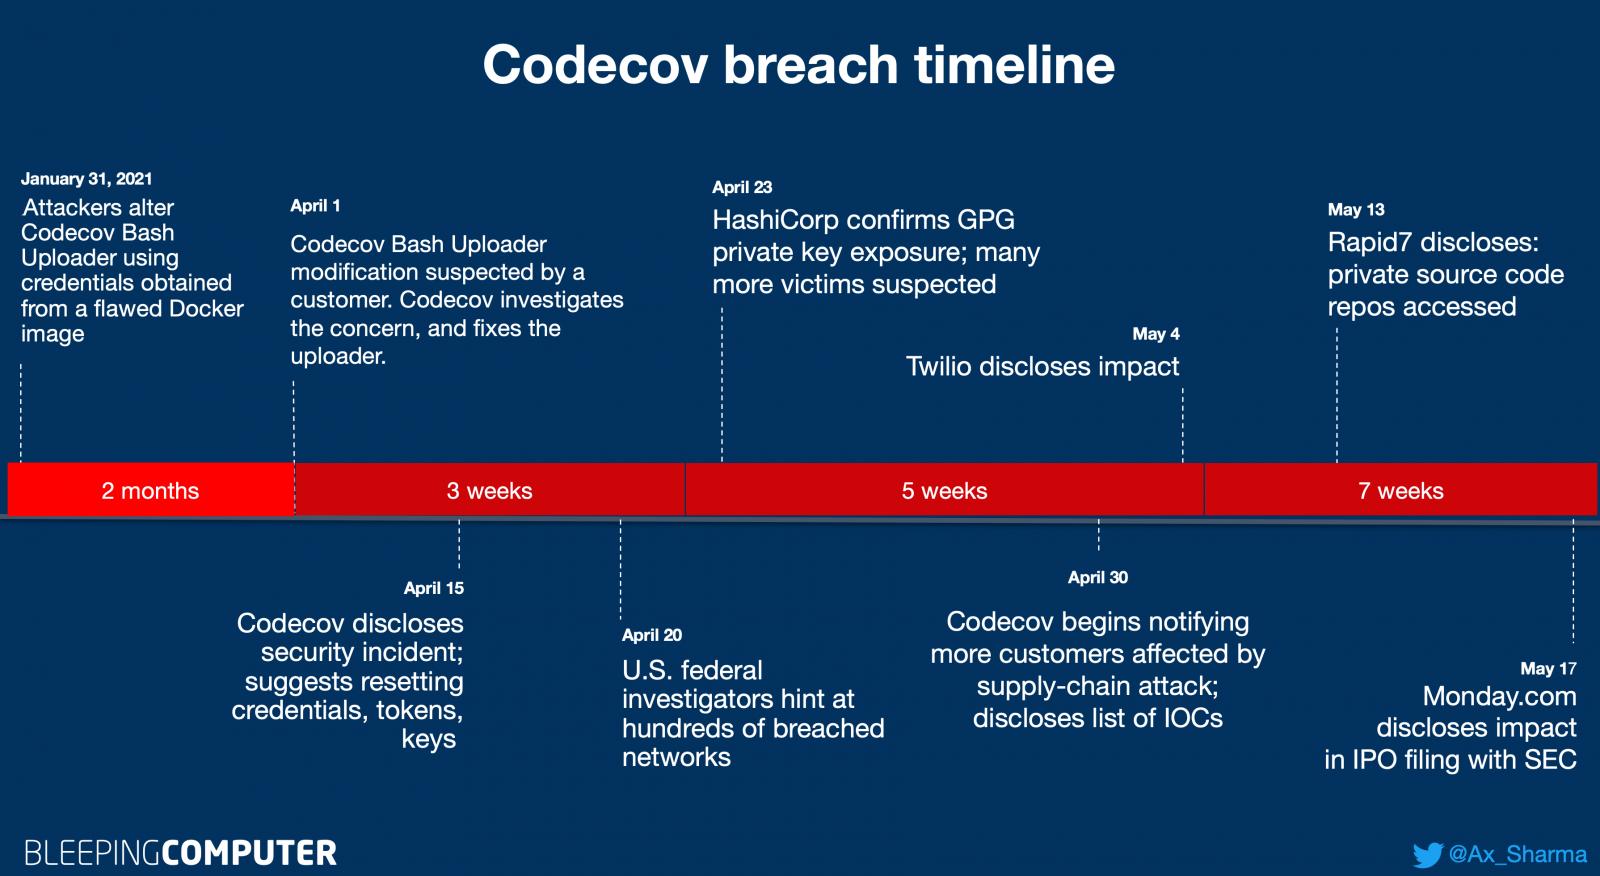 Cronograma de incidentes de Codecov 18 de mayo de 2021